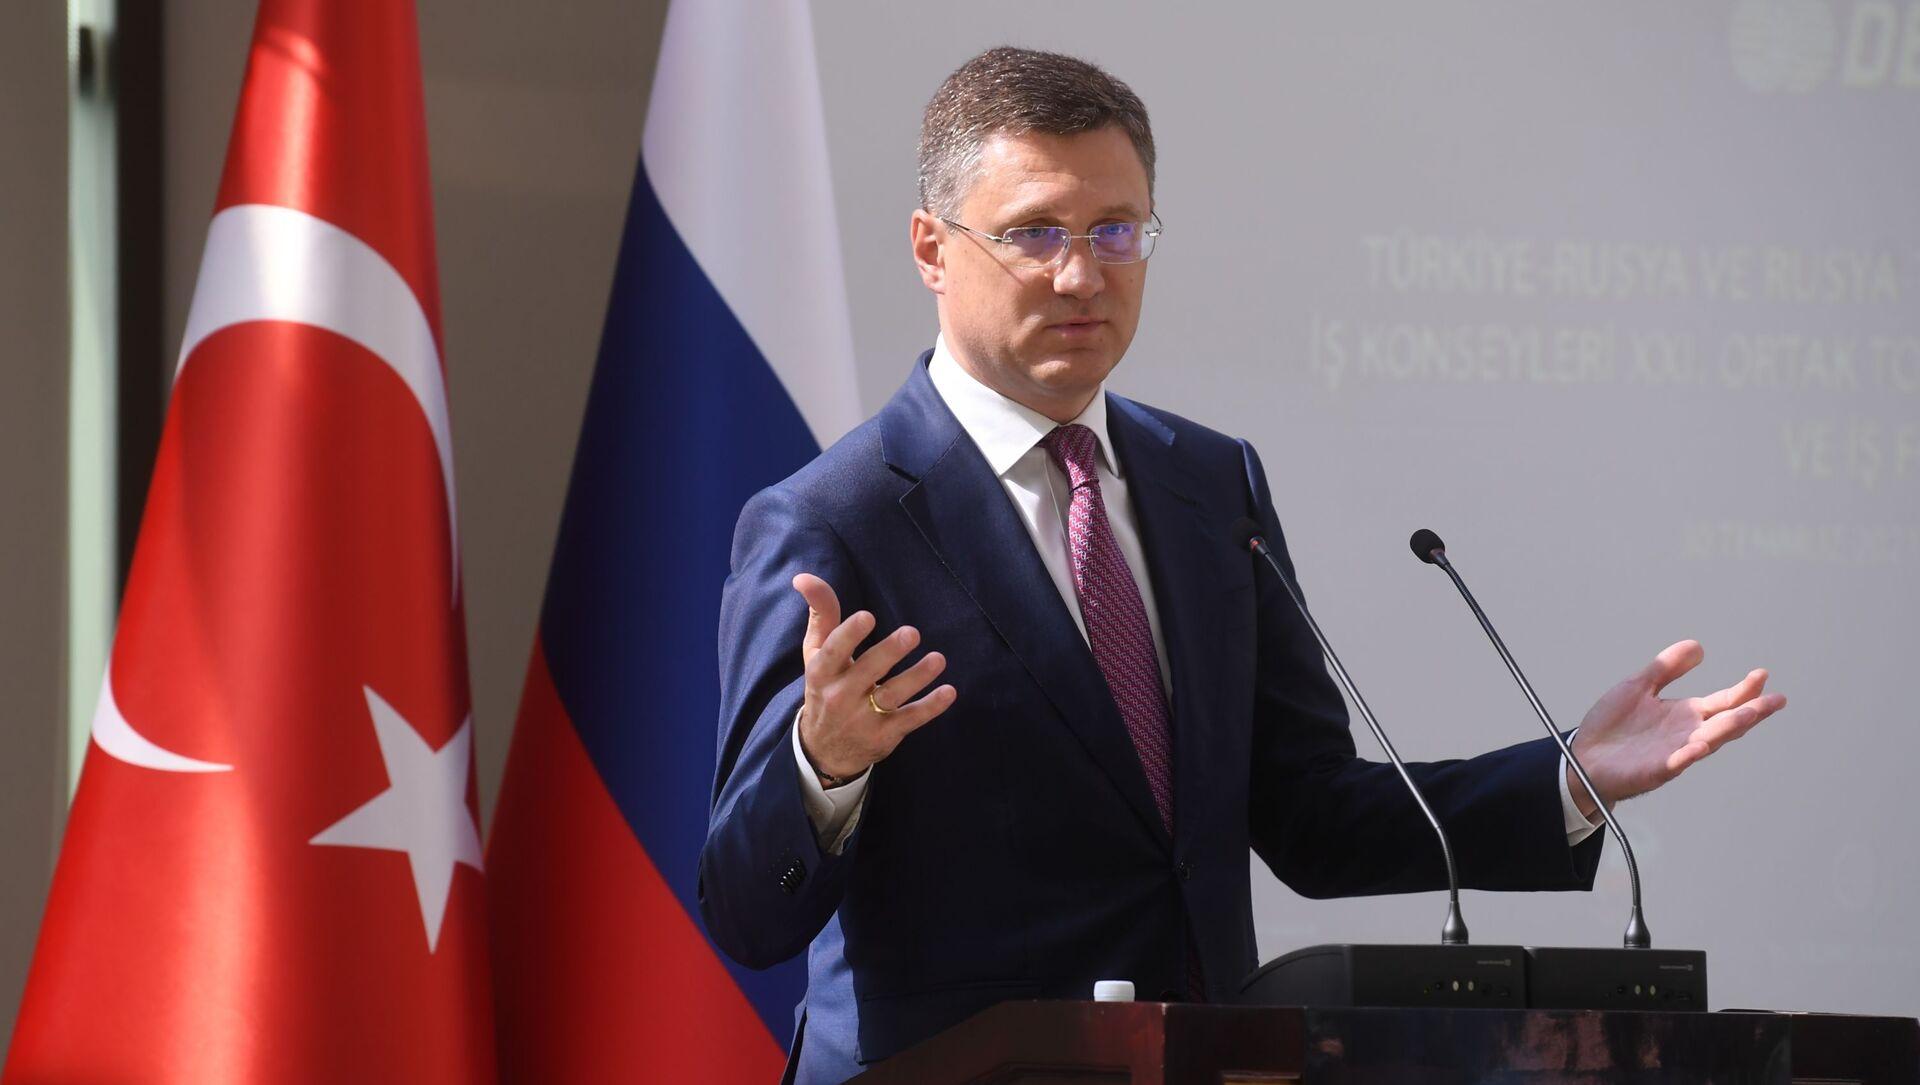 Rusya Başbakan Yardımcısı Aleksandr Novak - Sputnik Türkiye, 1920, 30.07.2021